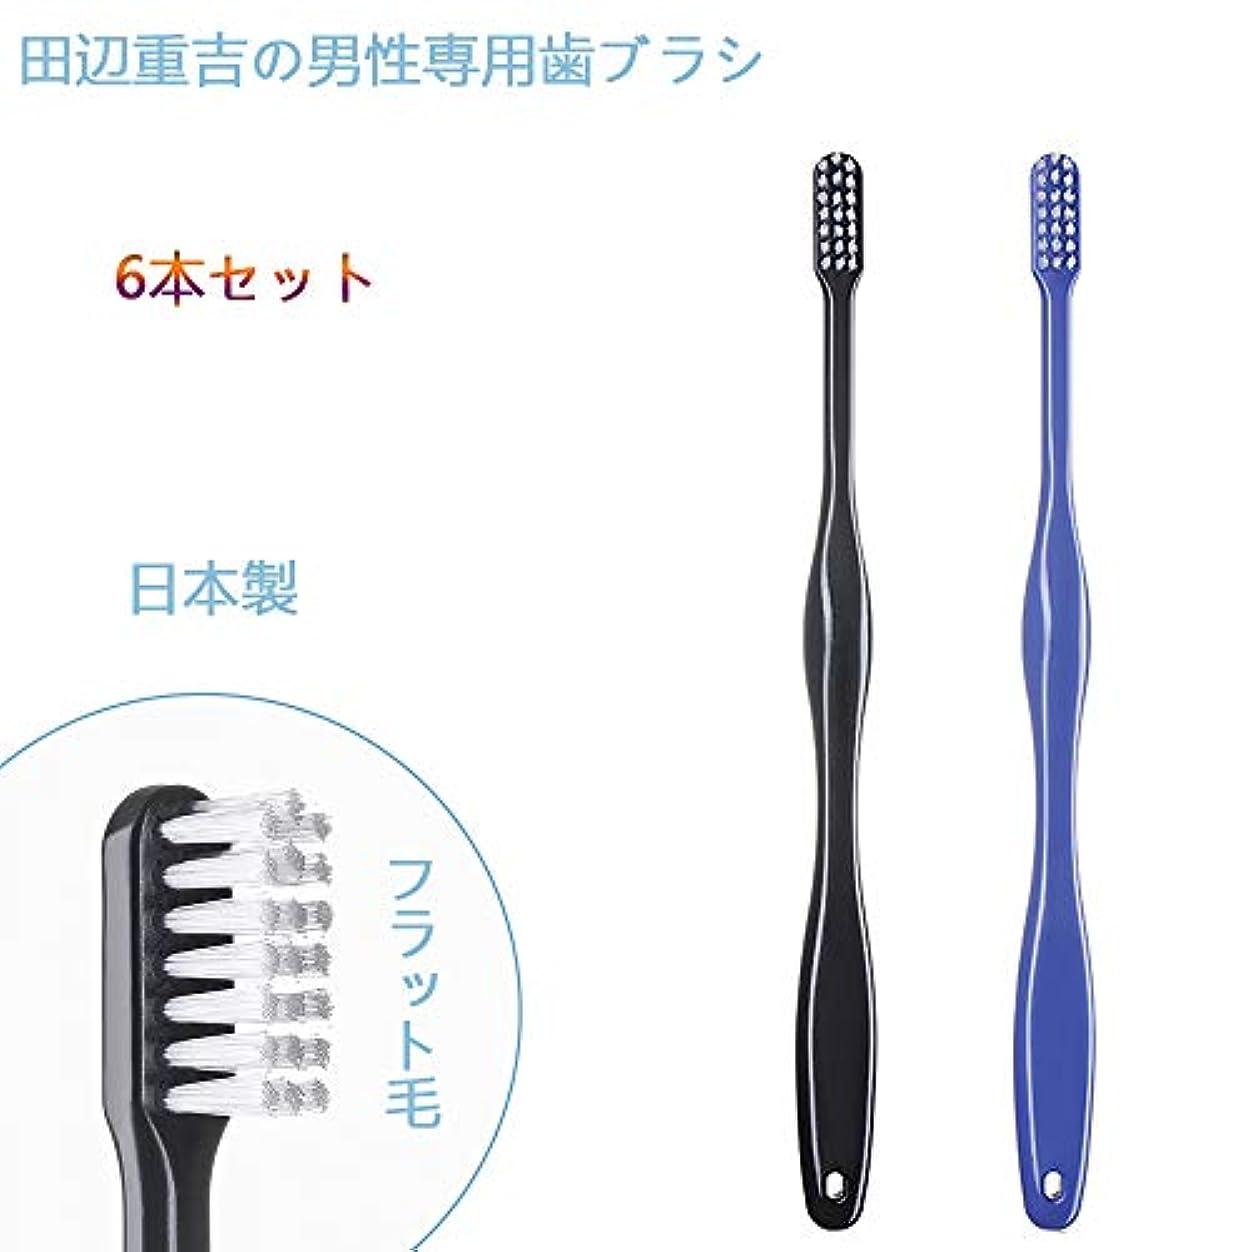 仕方内向きベジタリアン歯ブラシ職人 Artooth ® 田辺重吉の磨きやすい 男性専用 歯ブラシ MEN' S 日本製 耐久性UP 6本セットLT-08(色おまかせ)